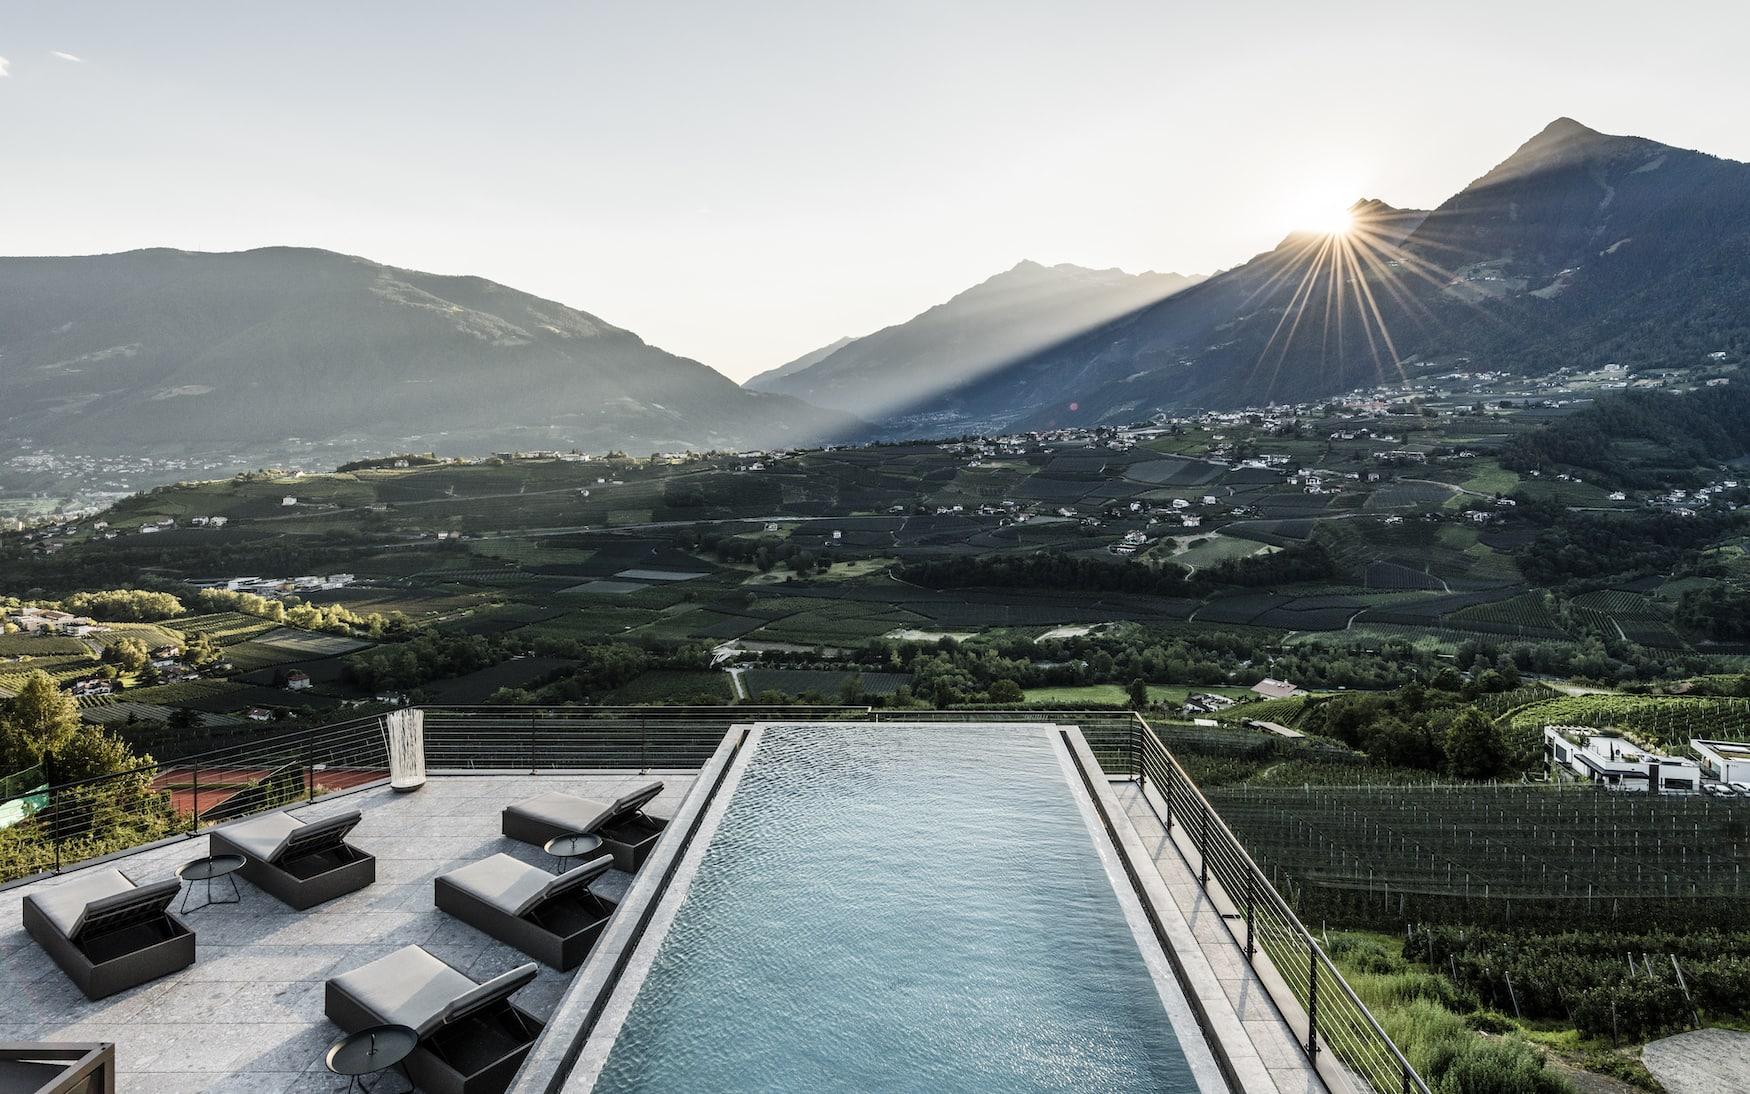 Pool schmiegt sich in die grünen Landschaften von Schenna bei Meran in Südtirol